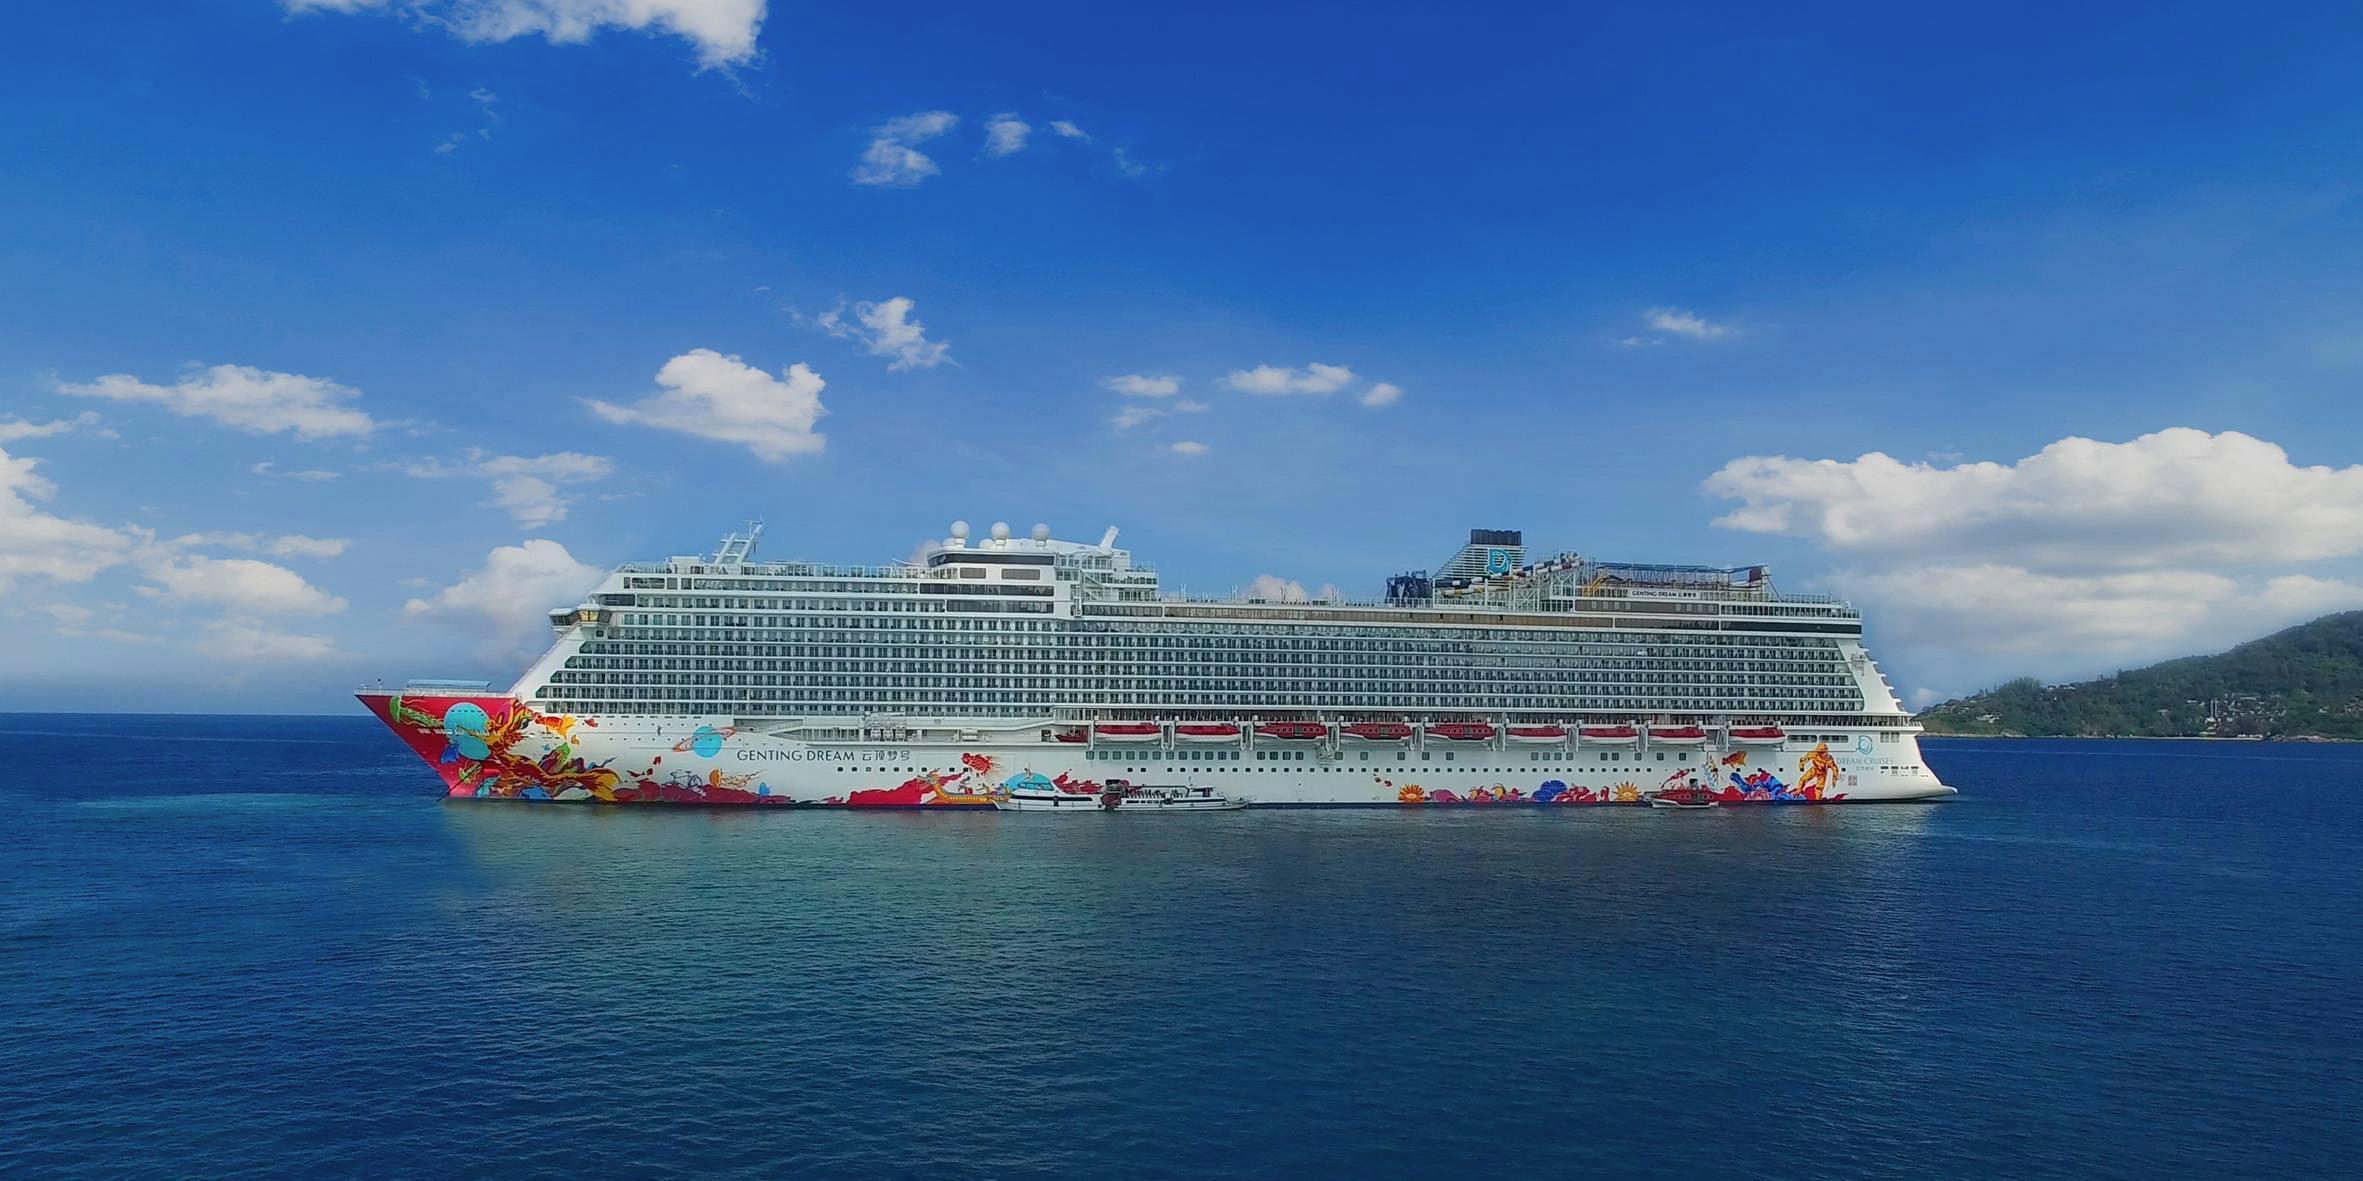 作为星梦邮轮品牌旗下的首艘豪华邮轮,云顶梦号传承云顶香港